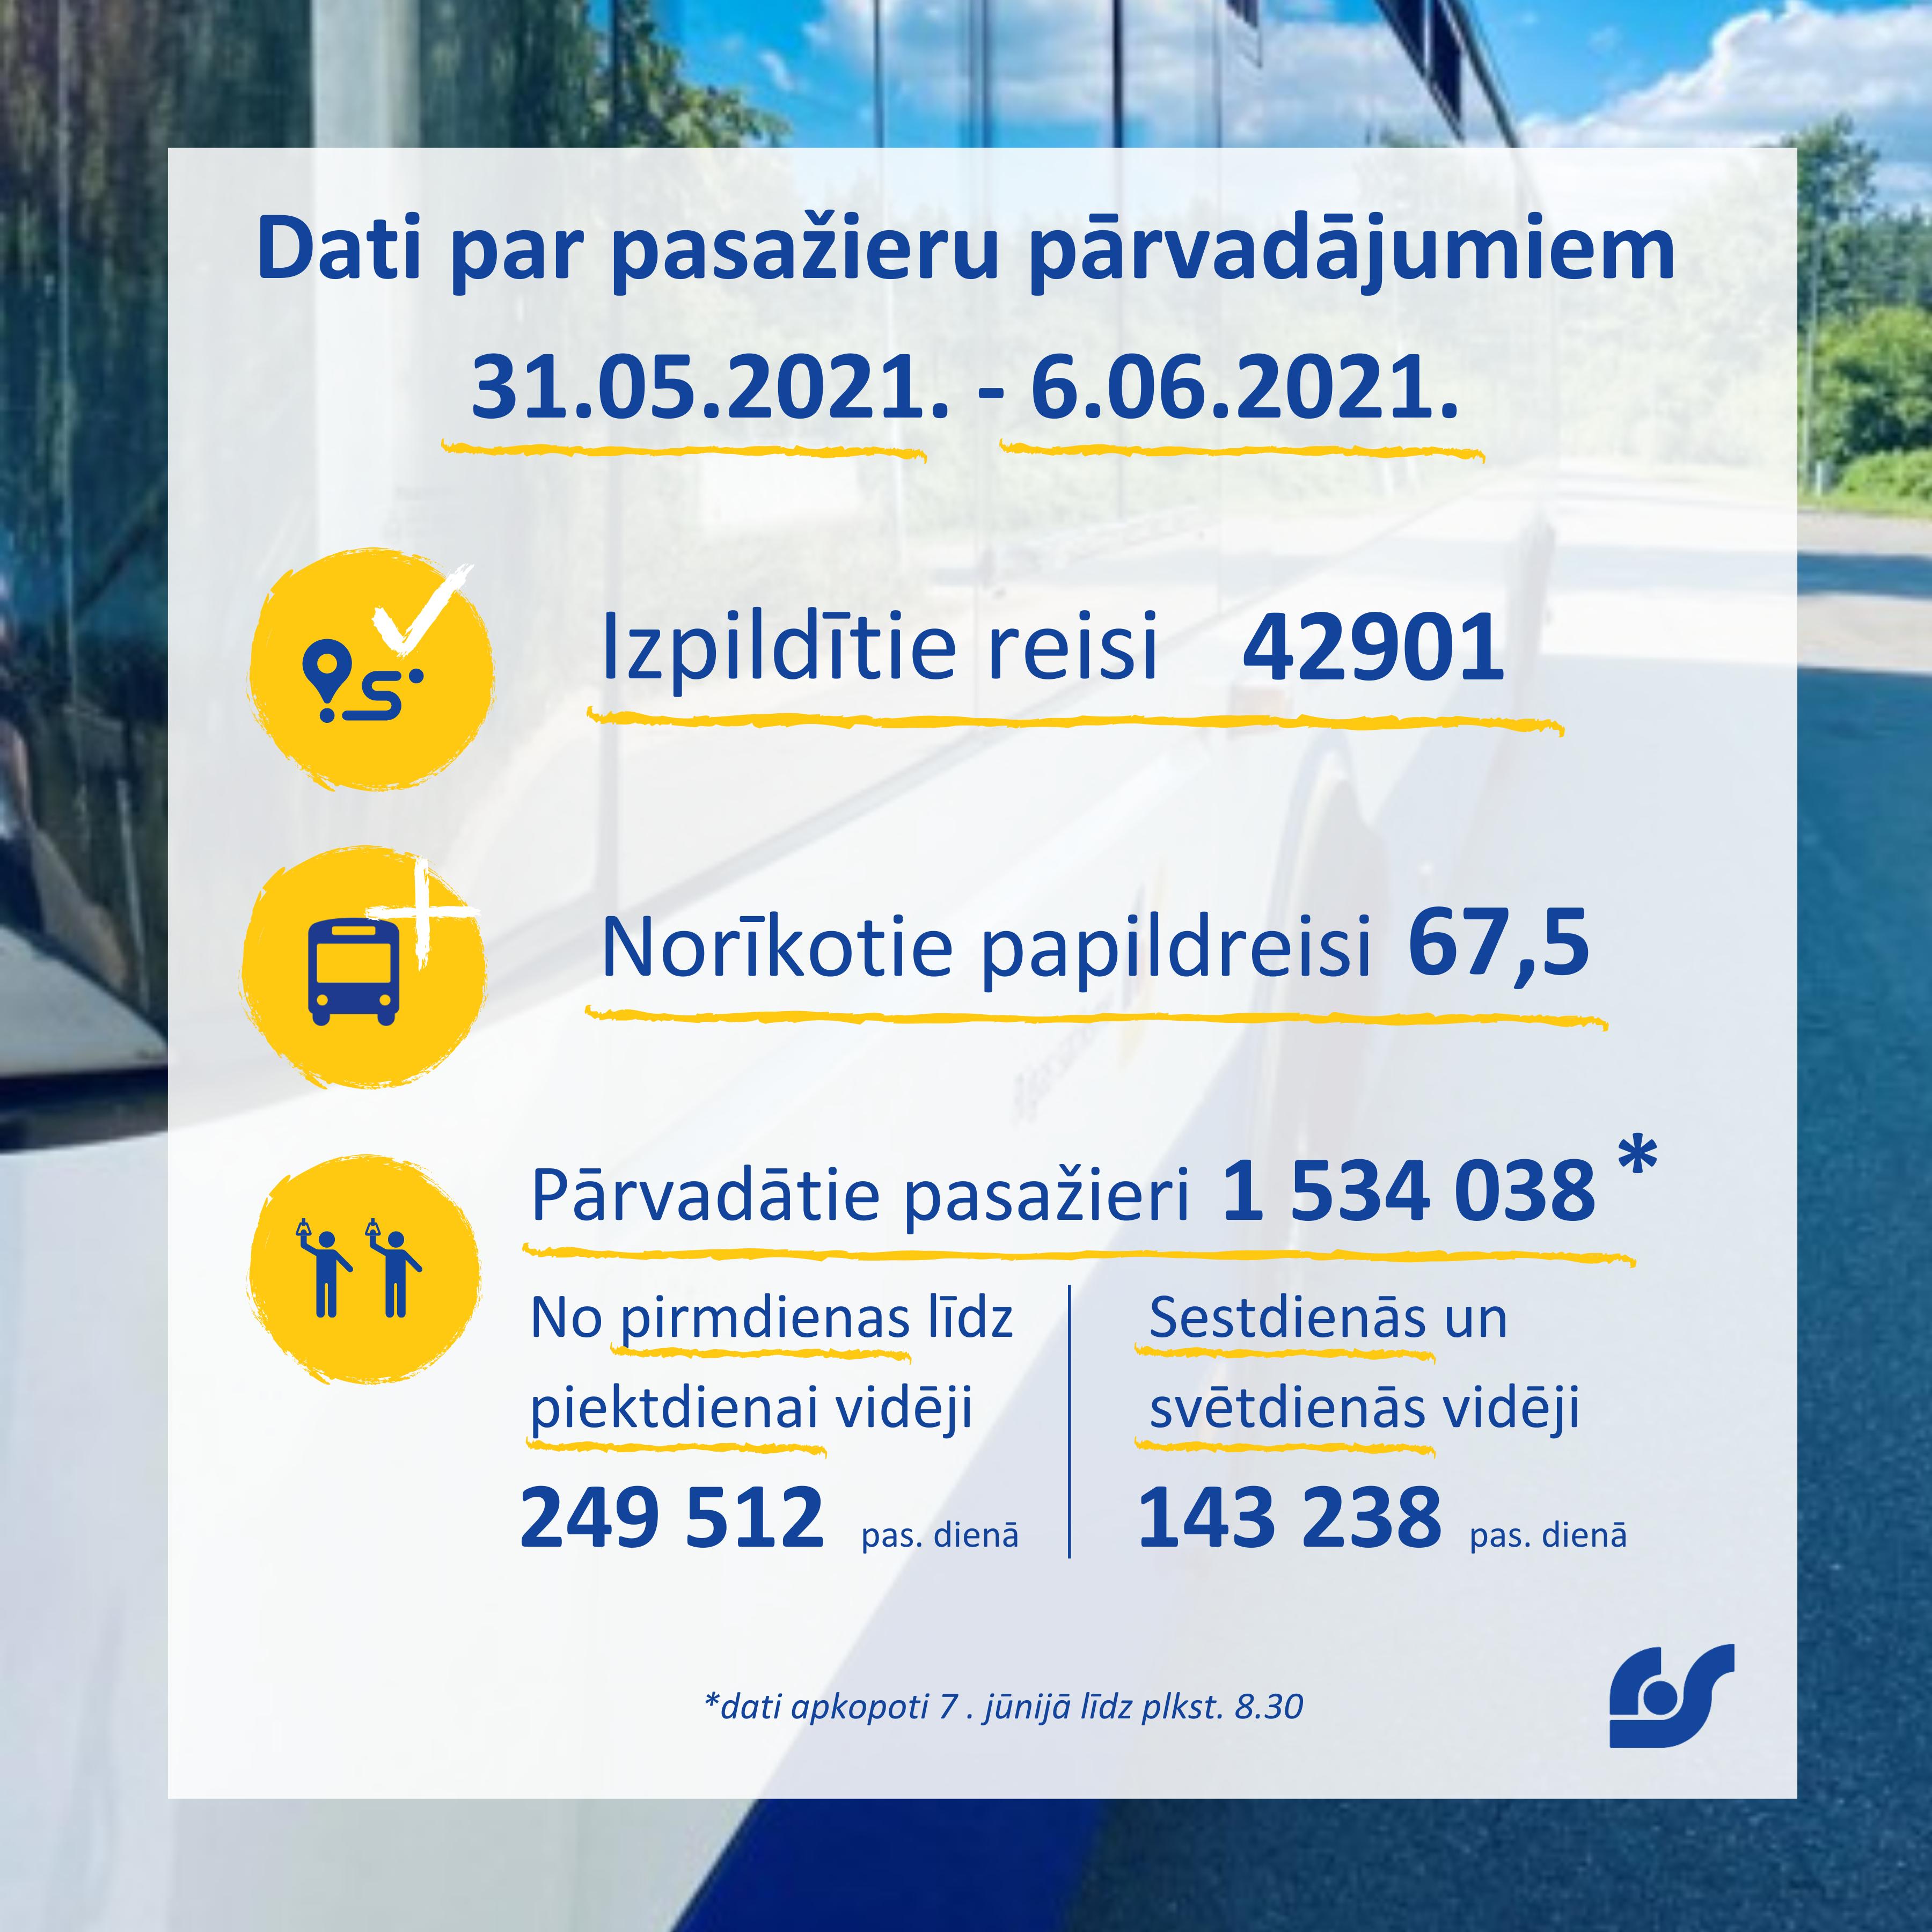 Dati par pasažieru pārvadājumiem (5).png